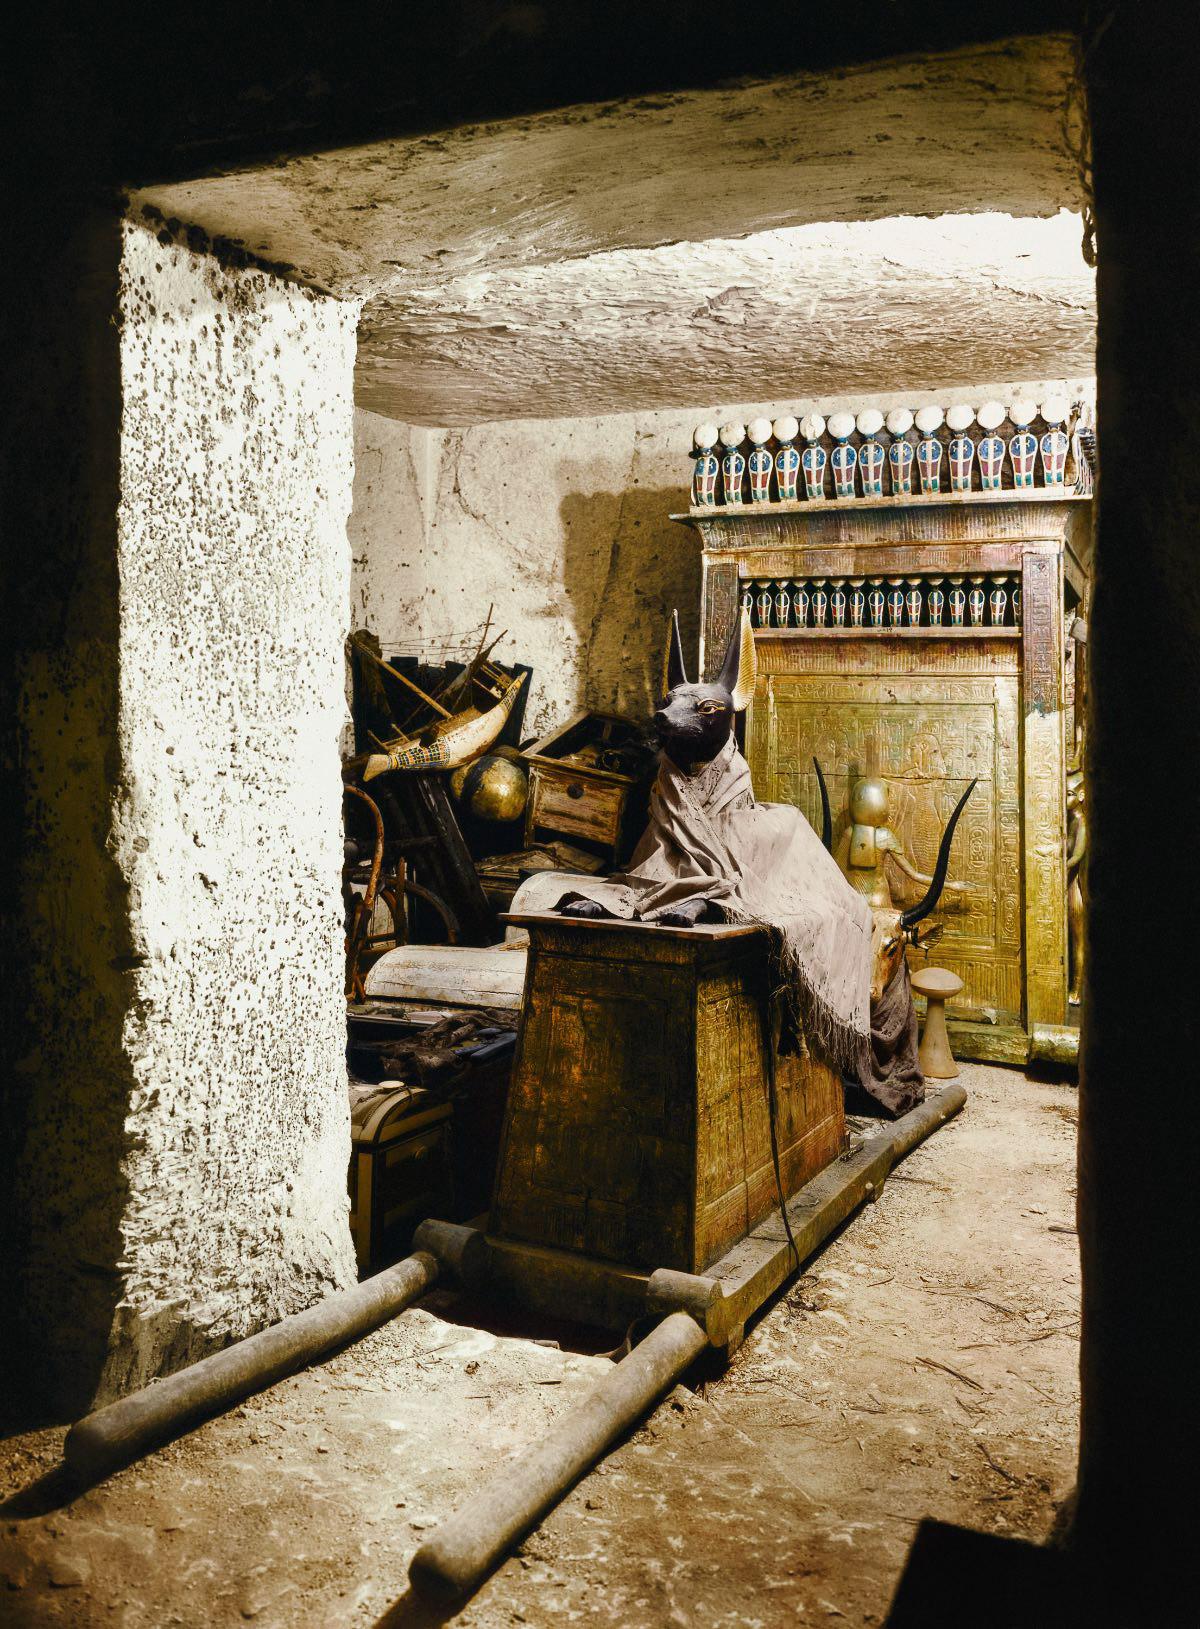 Статуя Анубиса на погребальных носилках из сокровищницы гробницы.